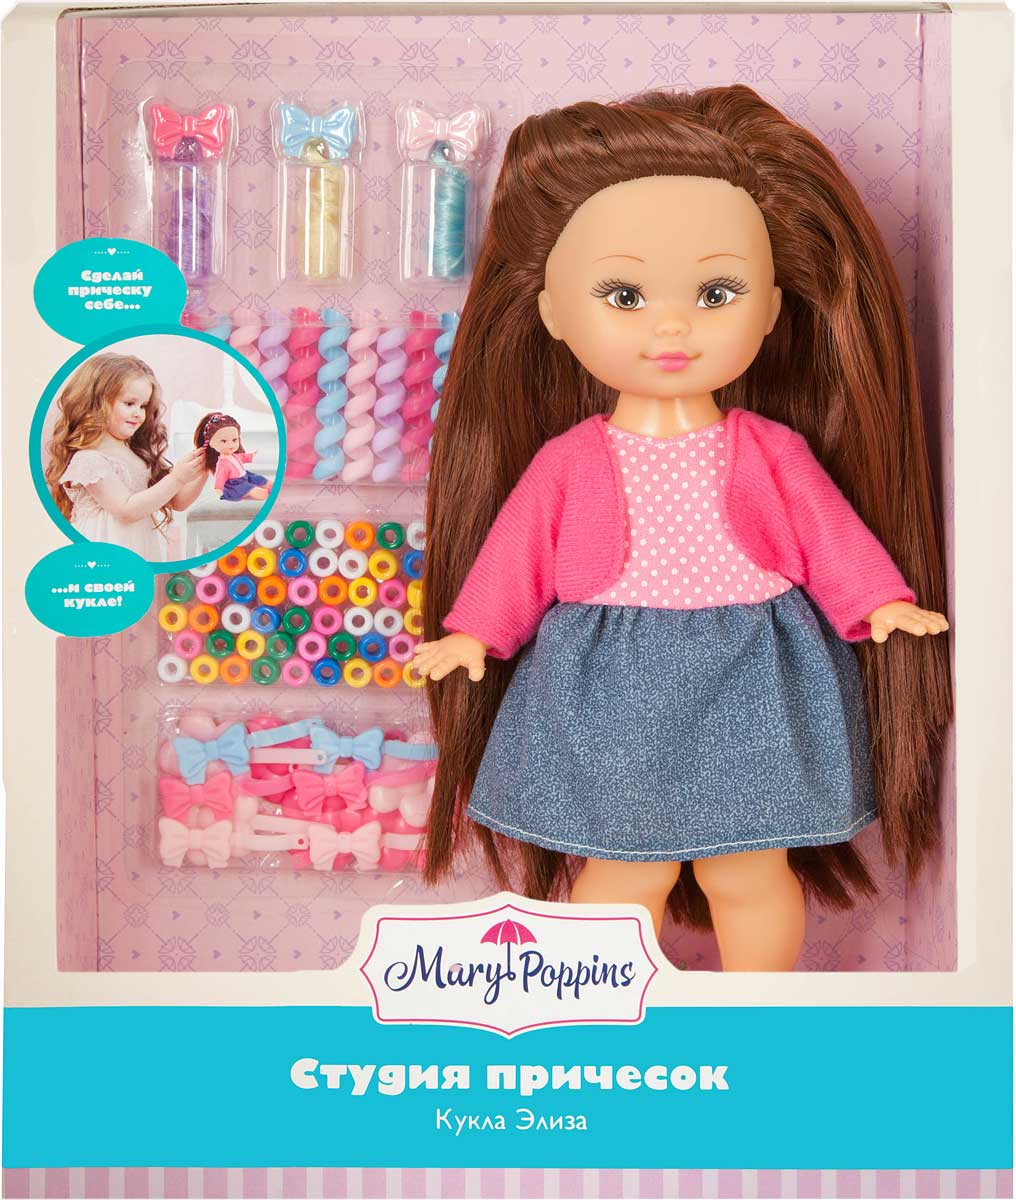 Mary Poppins Кукла Элиза Студия причесок брюнетка кукла yako m6579 6